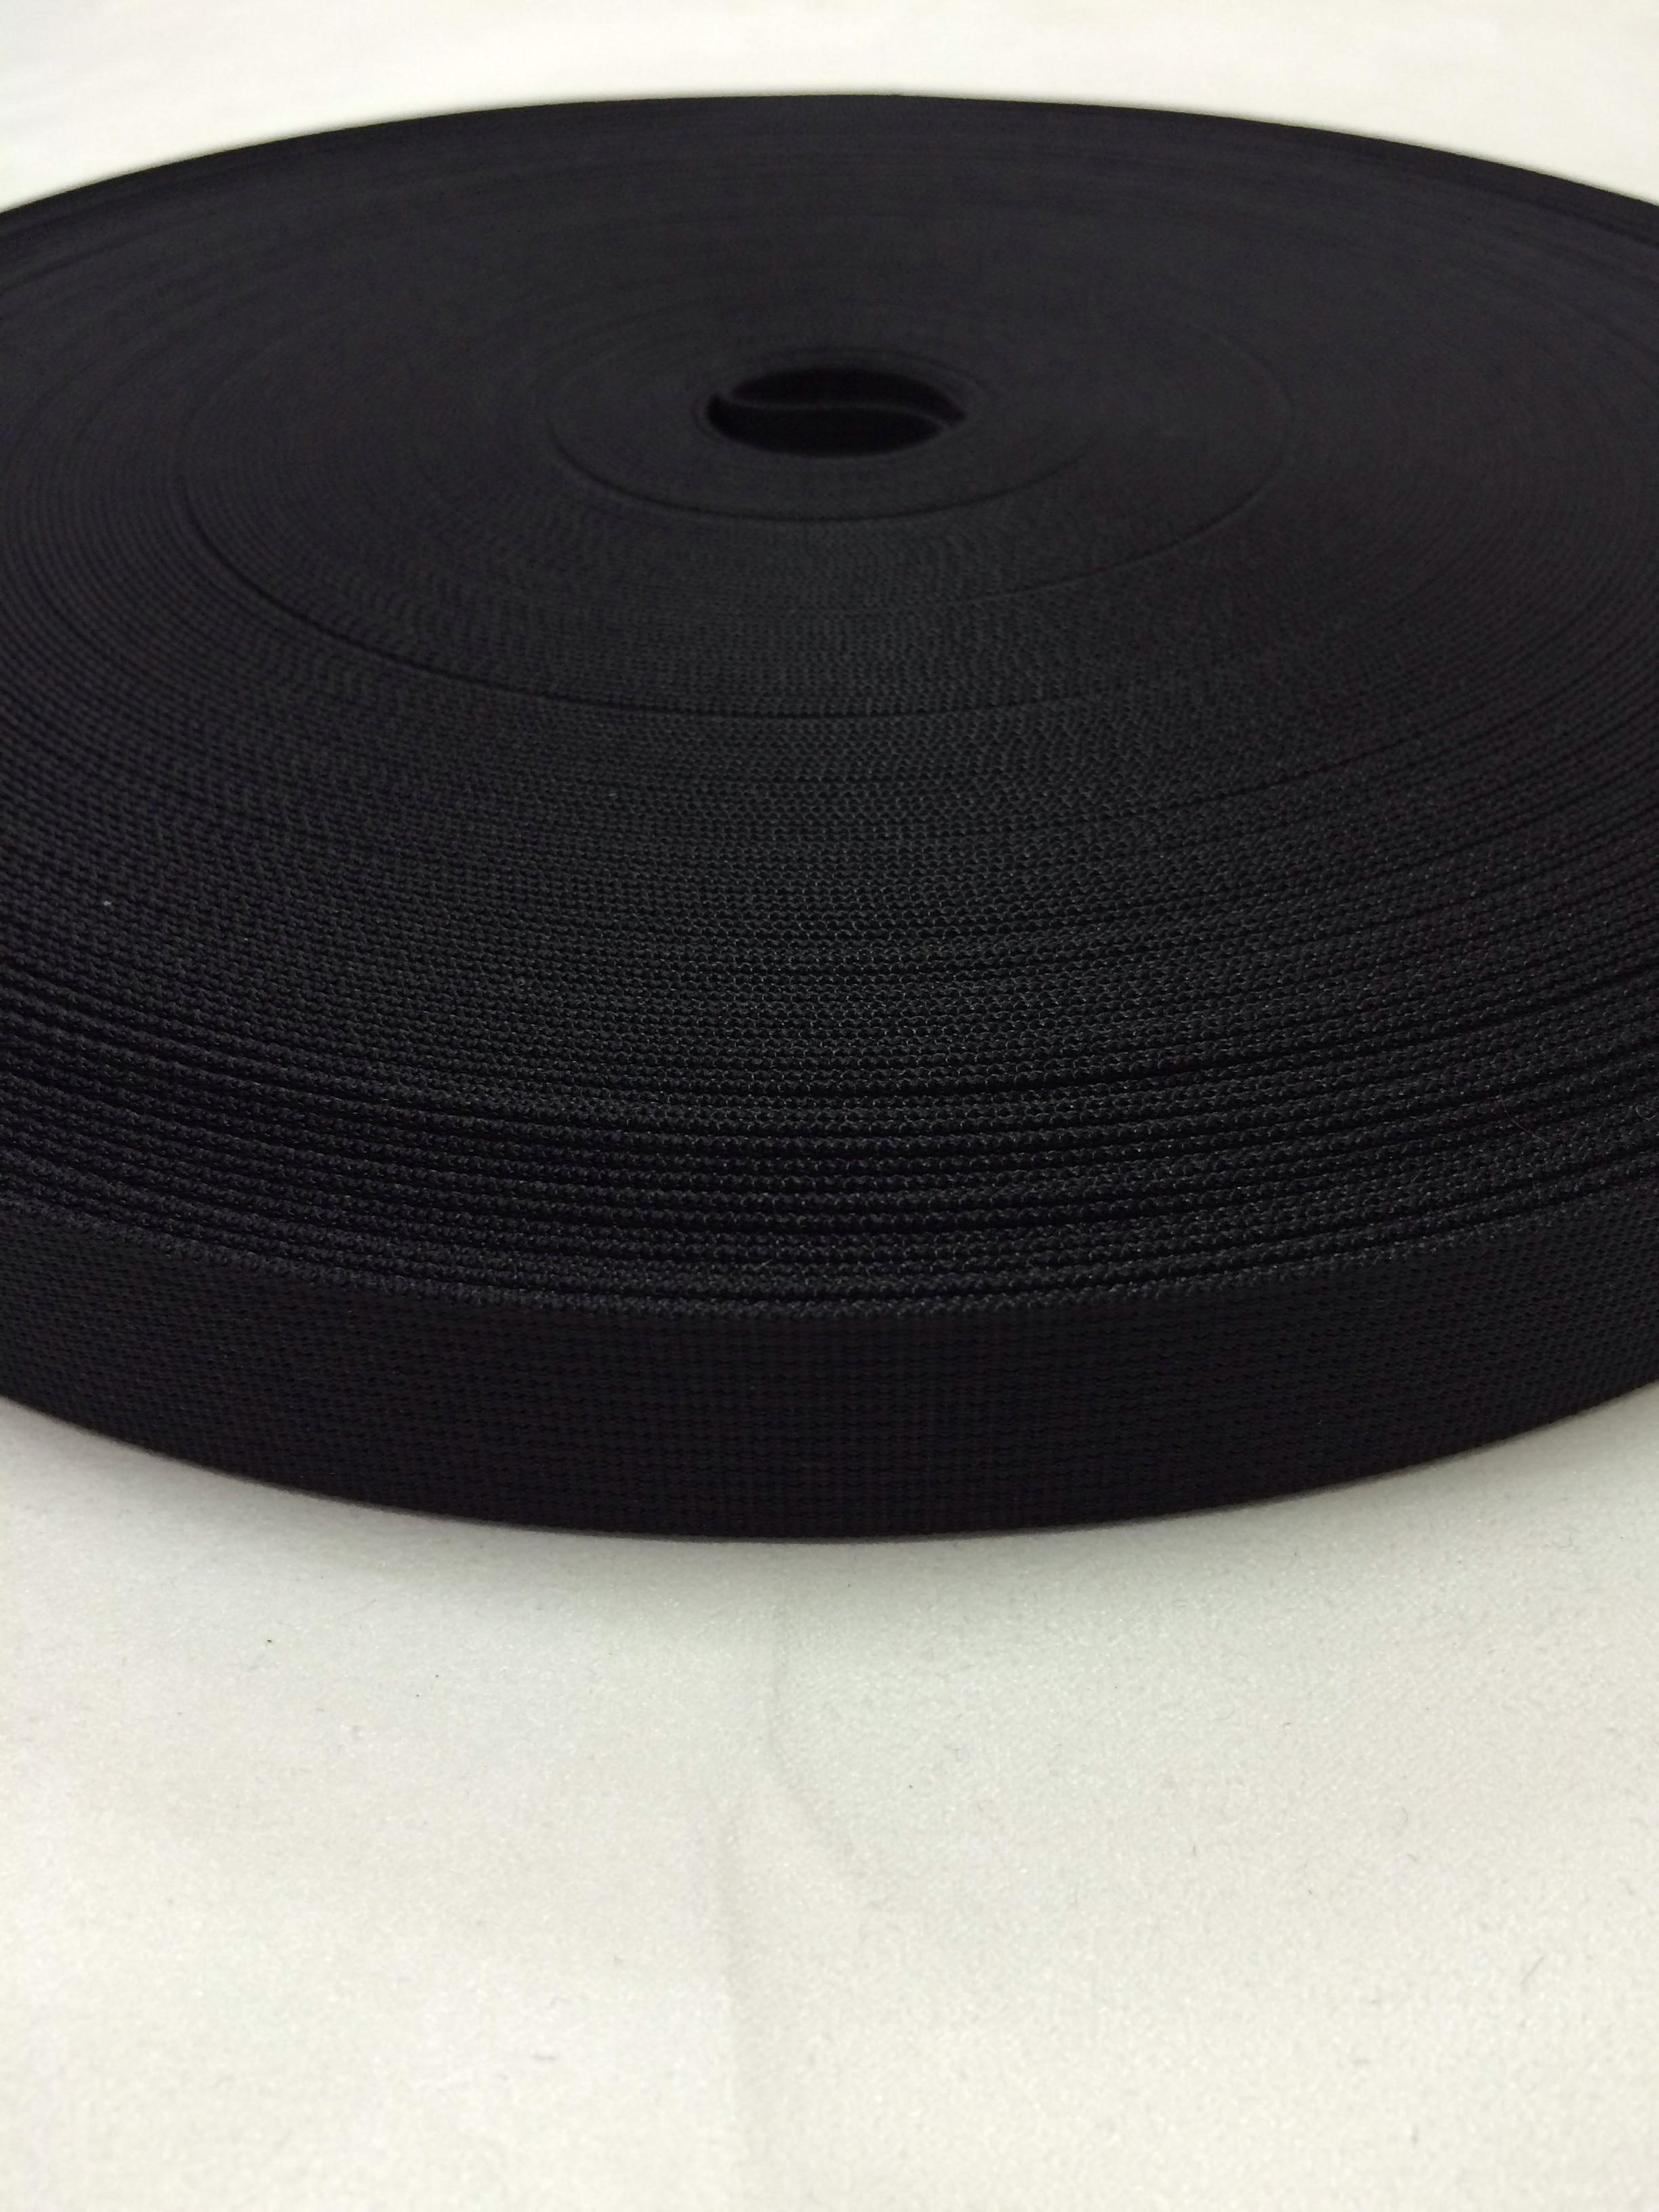 ナイロン ベルト 高密度 20mm幅 1mm厚 黒 5m